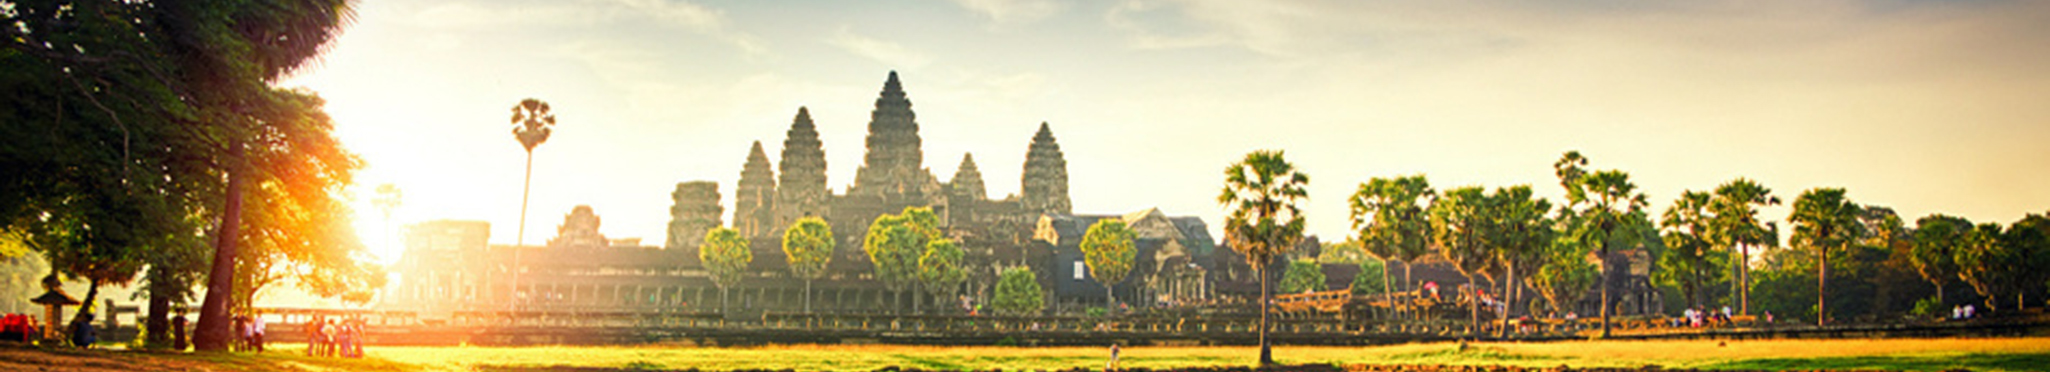 Города и пляжи:<br>Луанг Прабанг, Сием Реап, о. Ко Ронг, Пномпень